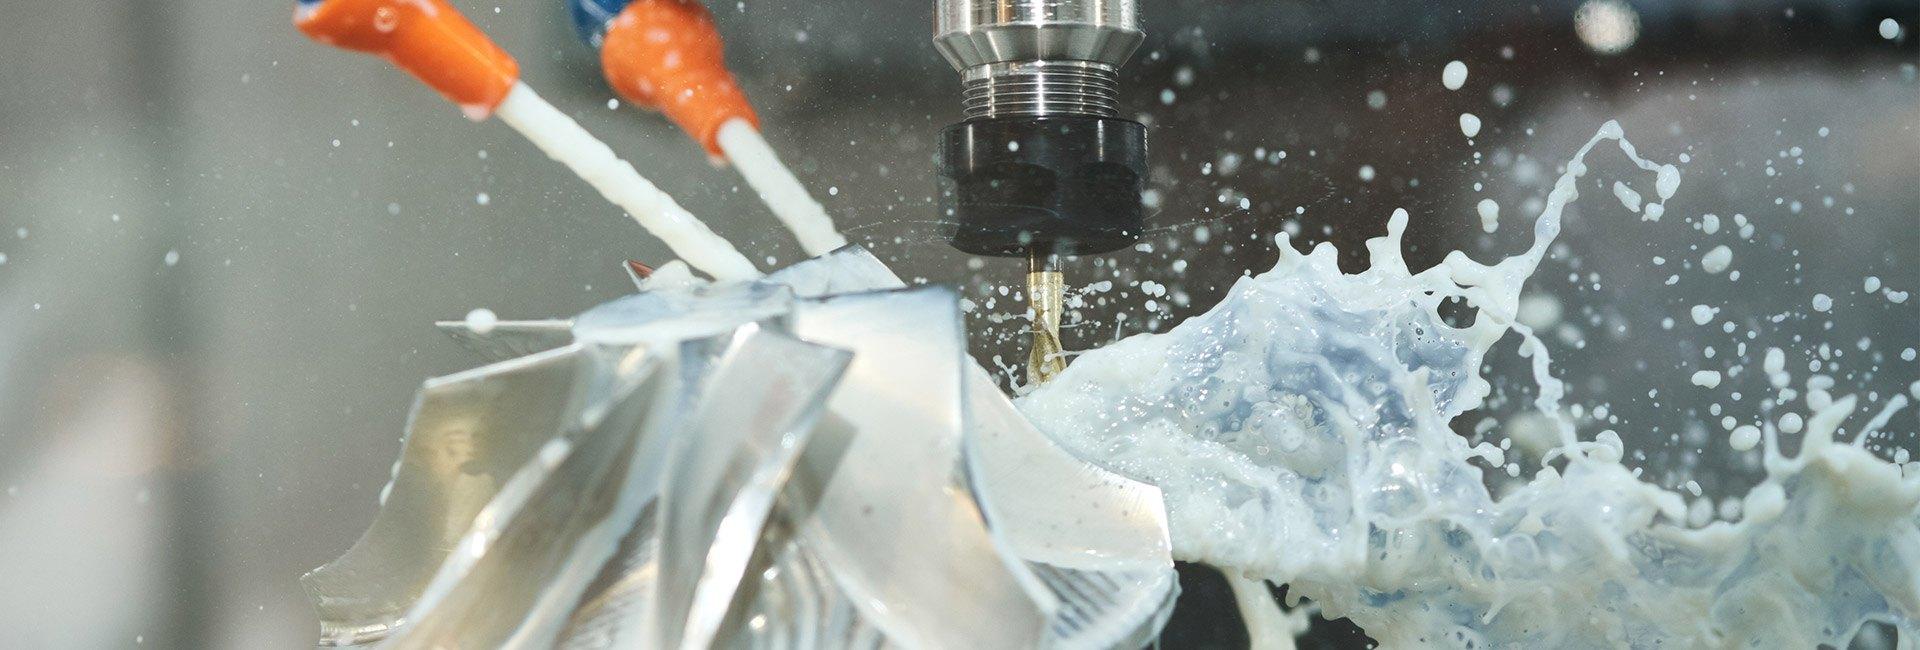 Proteção NANO inibidora de corrosão multi metais. - Previne oxidação das peças em processo.